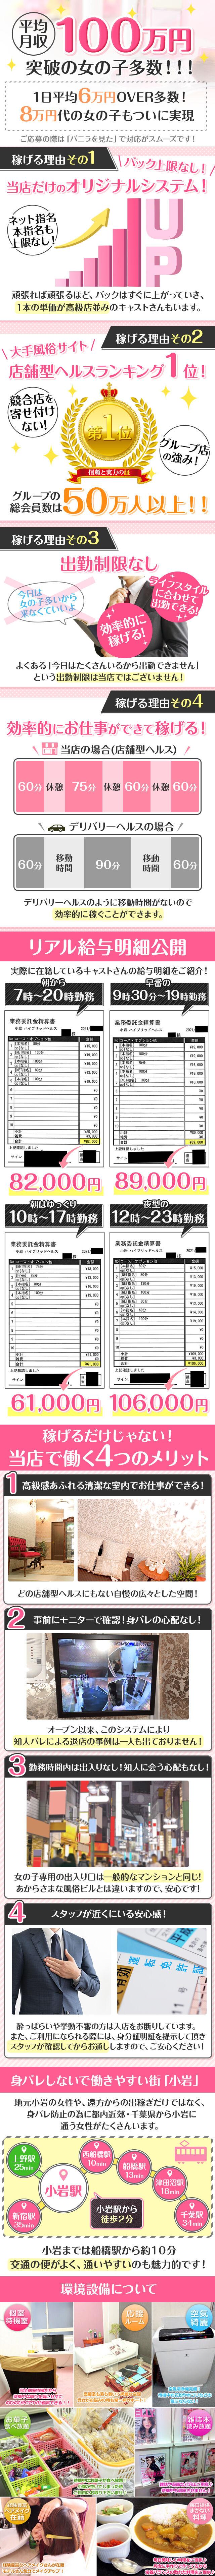 ハイブリッドヘルス小岩中央_急募_修正3(5MB未満)